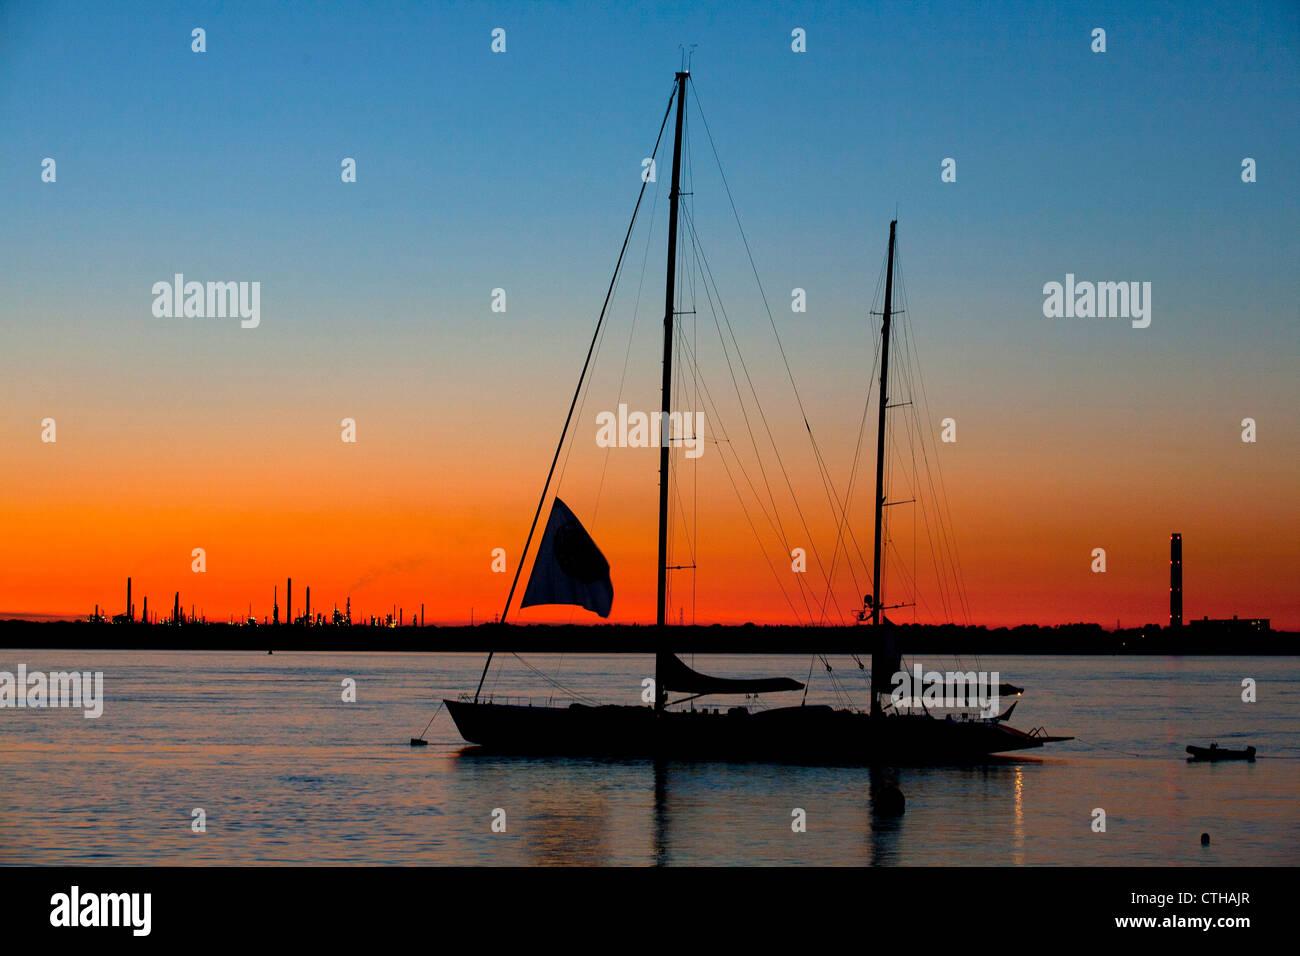 Super Yacht, Mari Cha, Crépuscule, mouillée de la raffinerie de pétrole de Fawley, vert, Solent, Photo Stock